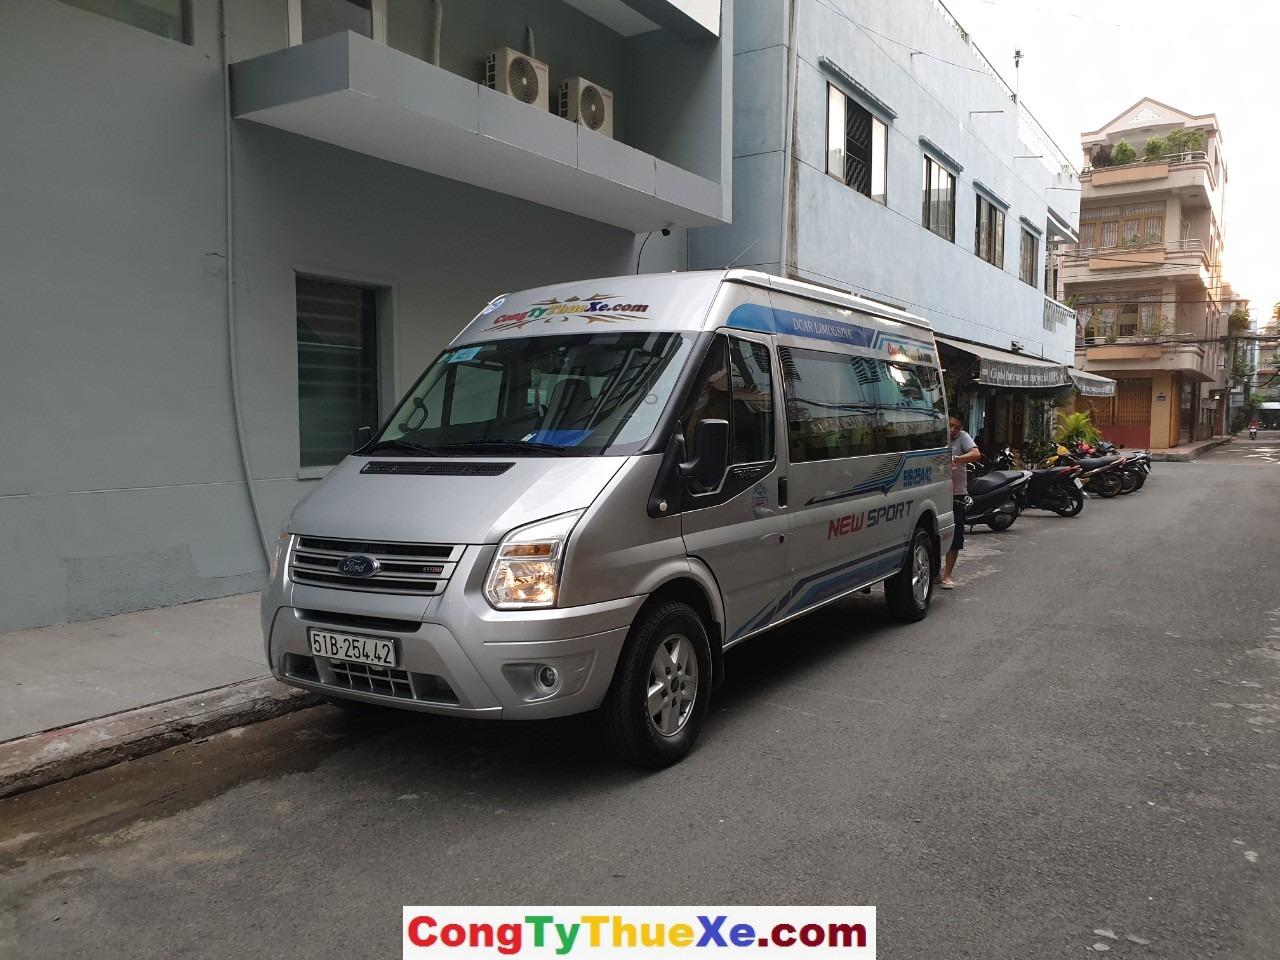 Thuê xe 16 chỗ tại TP.HCM (9)